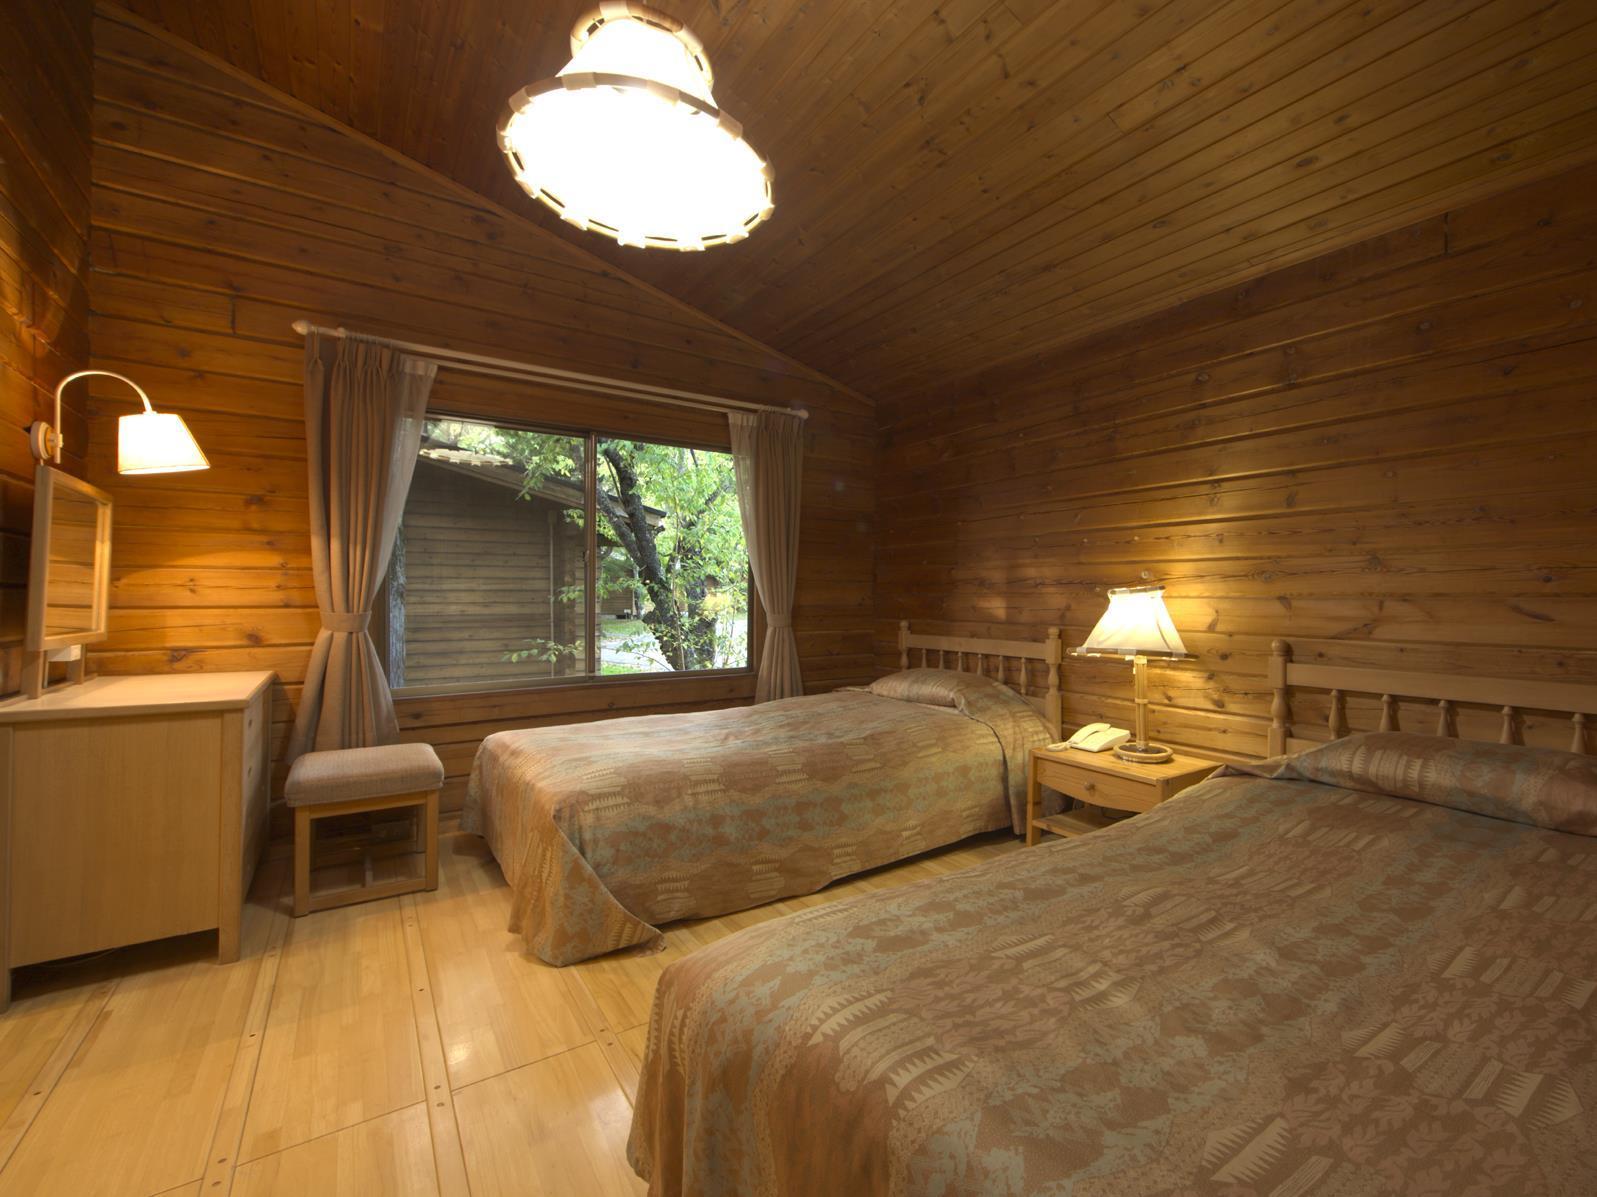 輕井澤輕井澤王子大飯店西館 (Karuizawa Prince Hotel West)線上訂房|Agoda.com